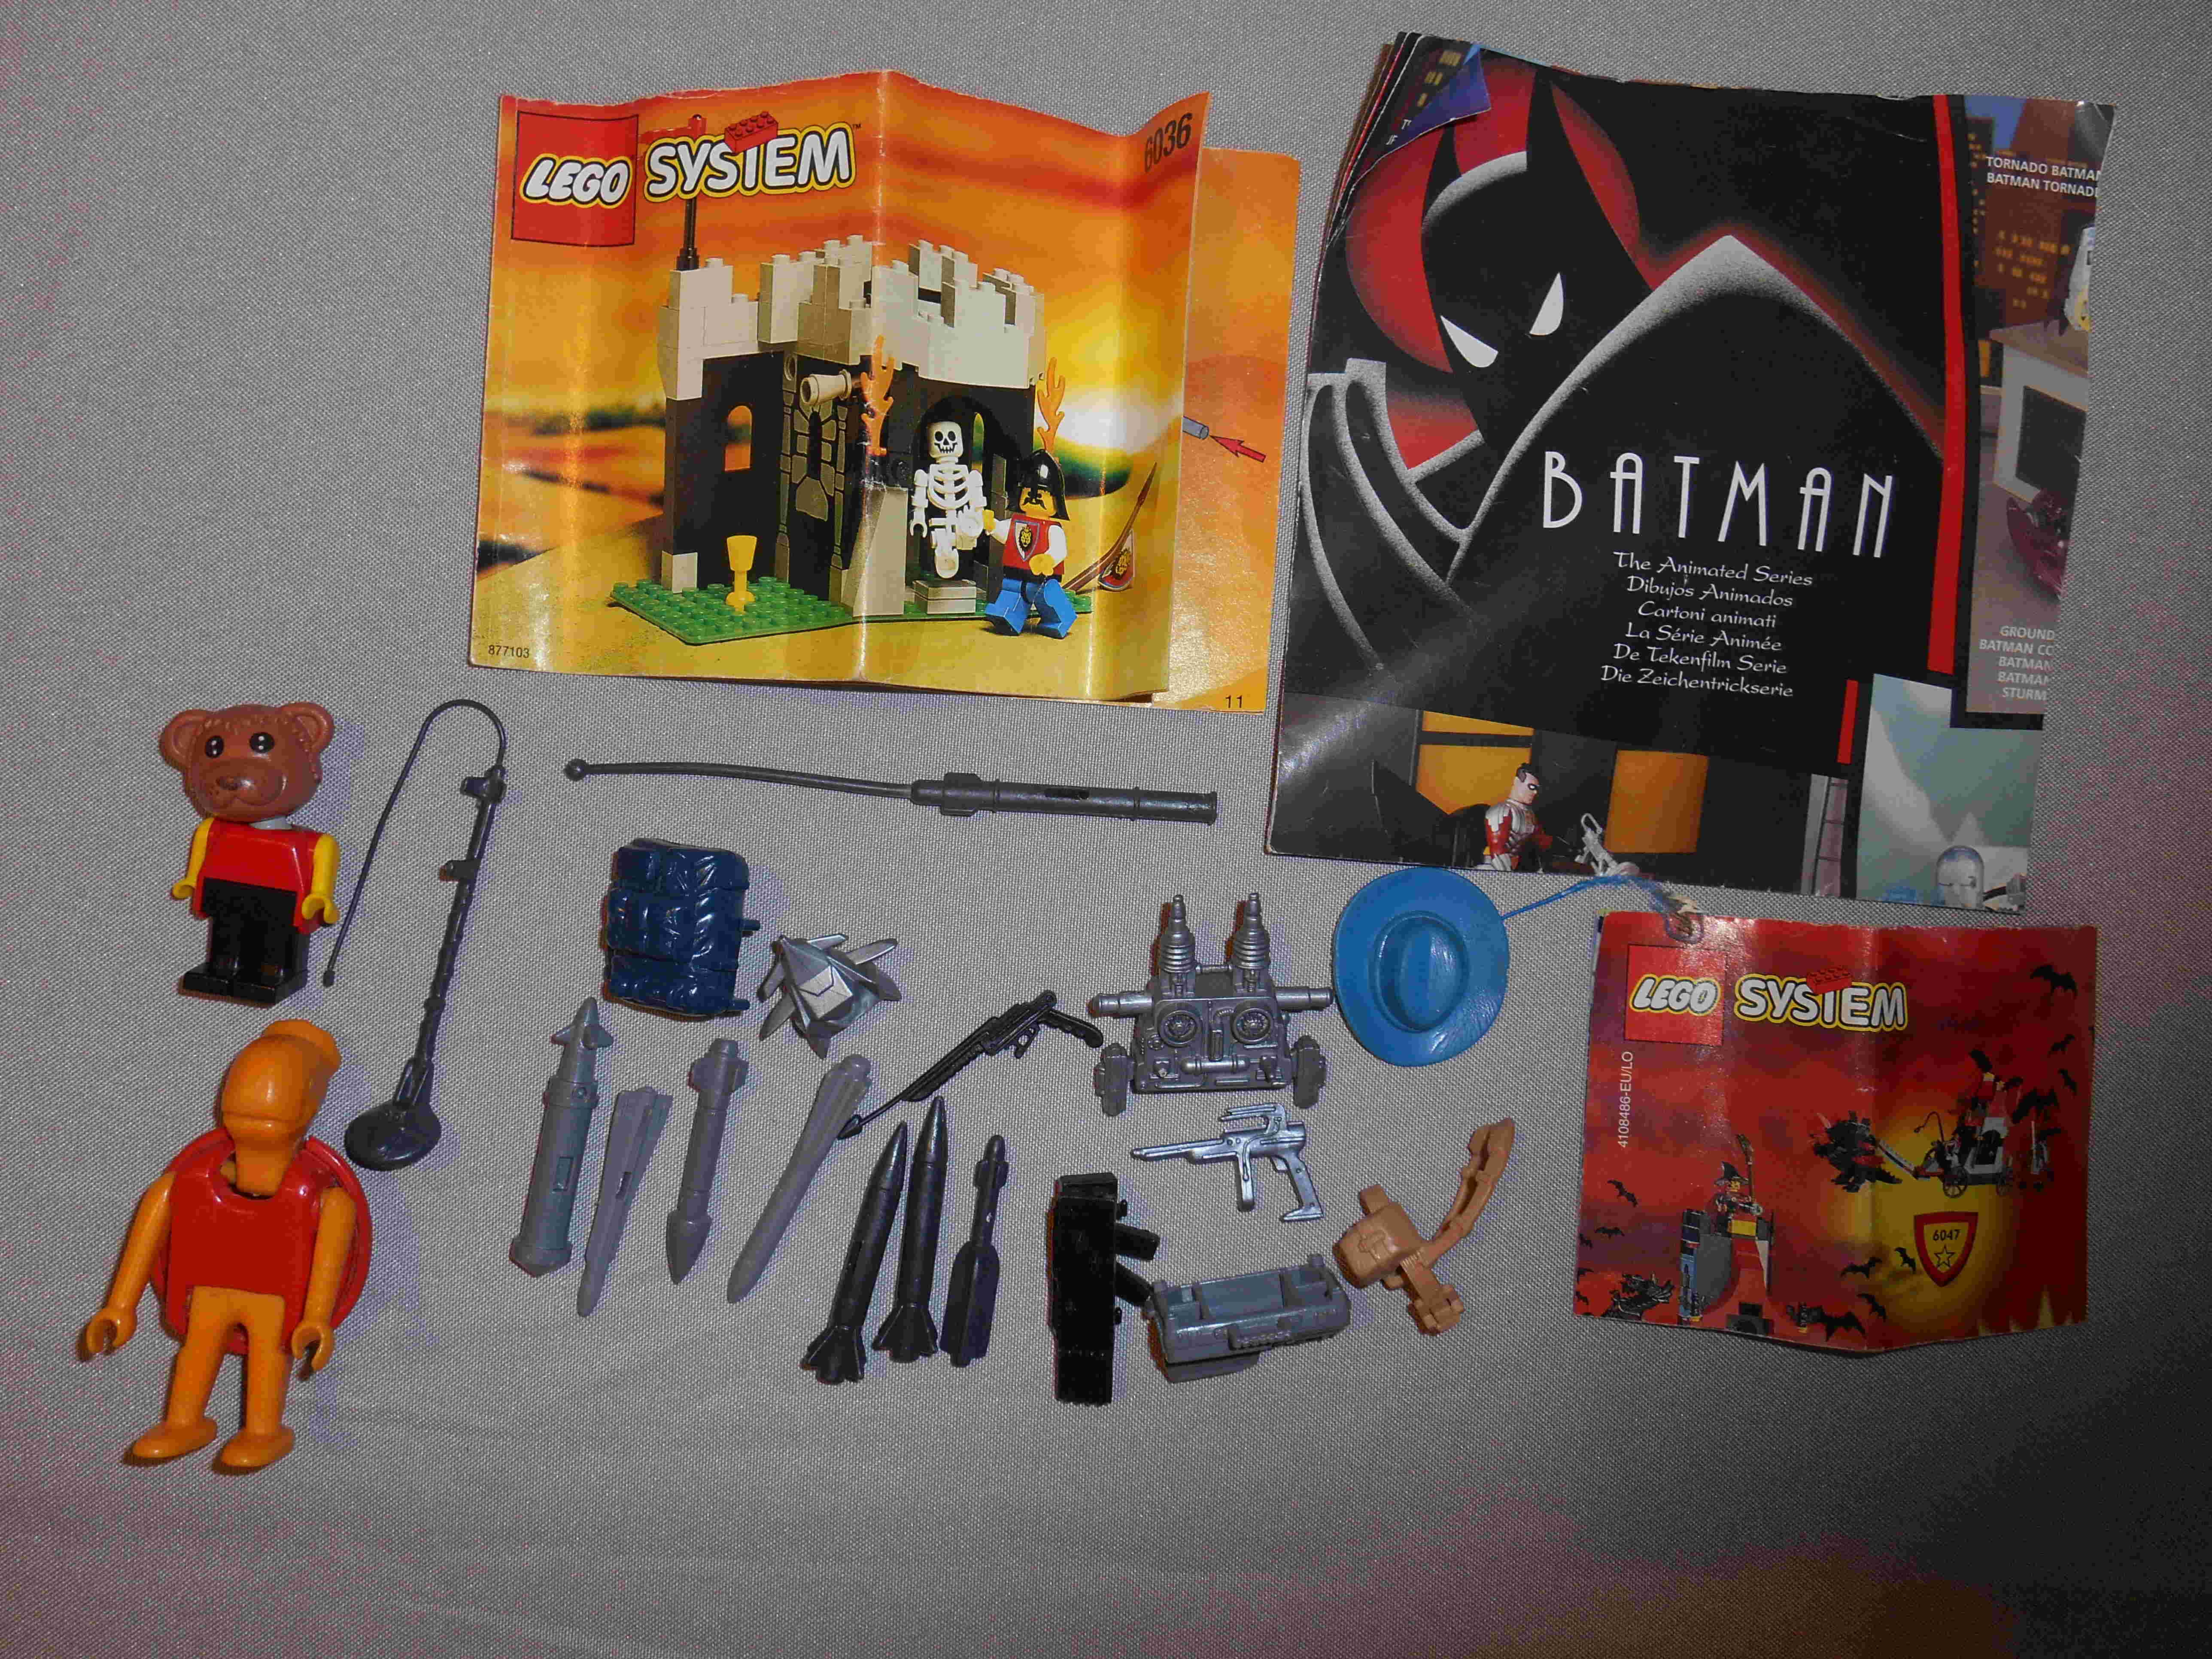 Trouvailles en Brocante, Bourse Aux jouets, Vide Greniers ... - Page 59 Dscn5910